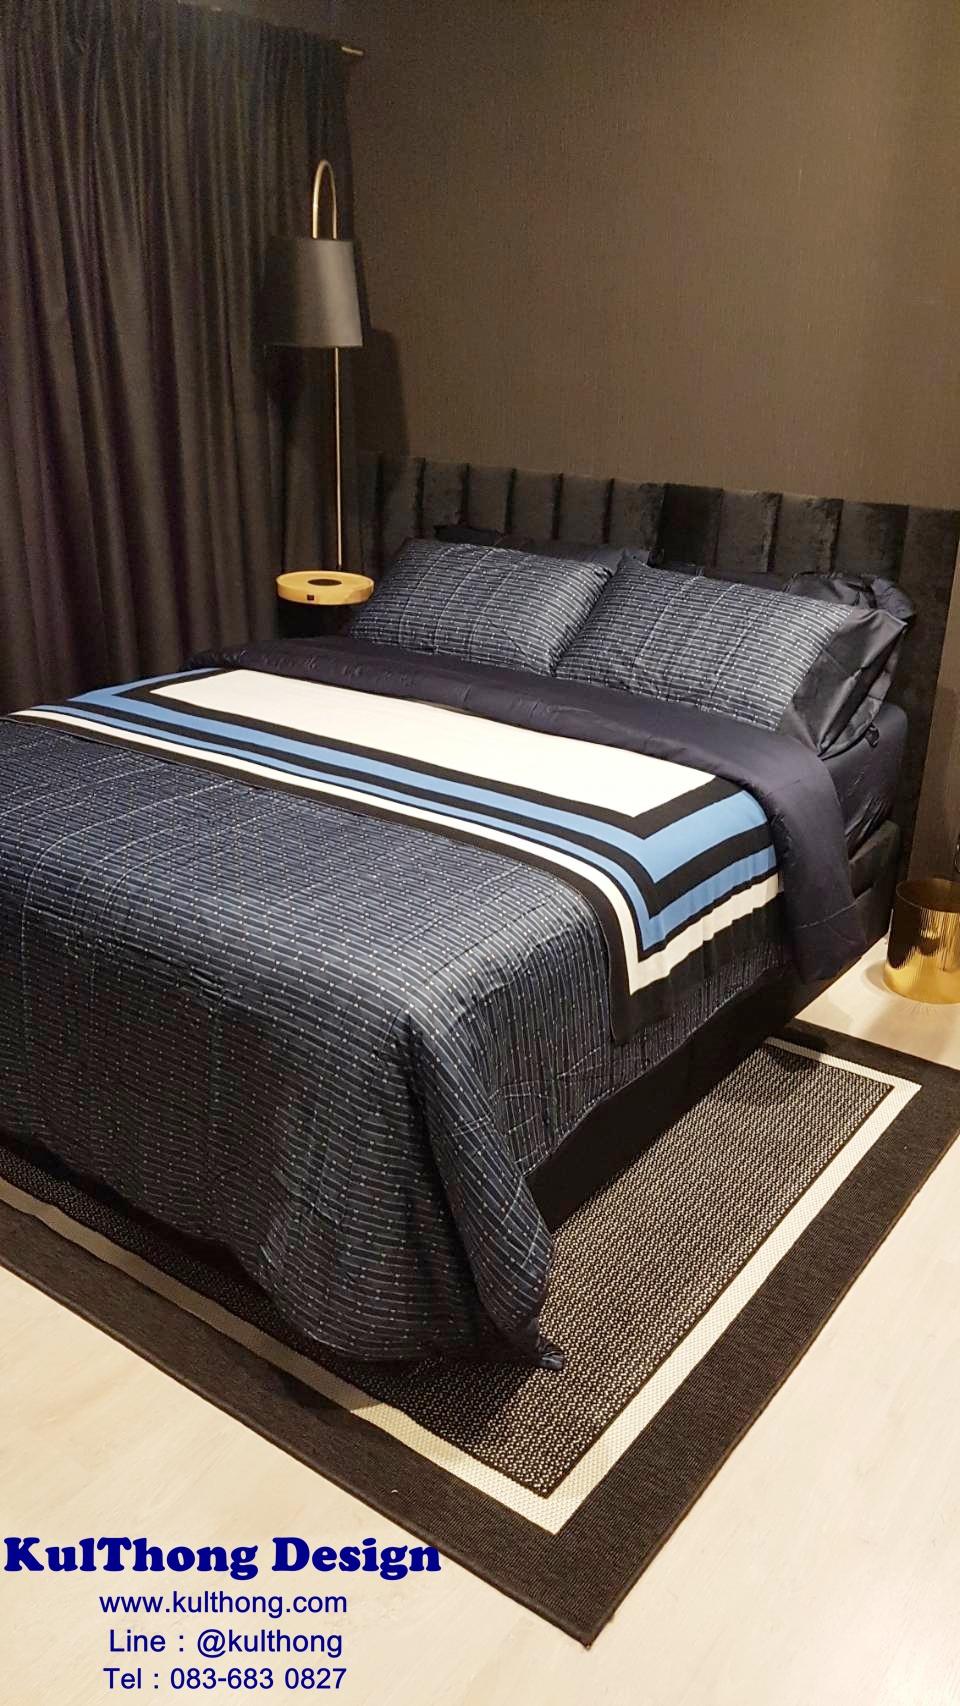 ฐานเตียง เตียงดีไซน์ บุหัวเตียง